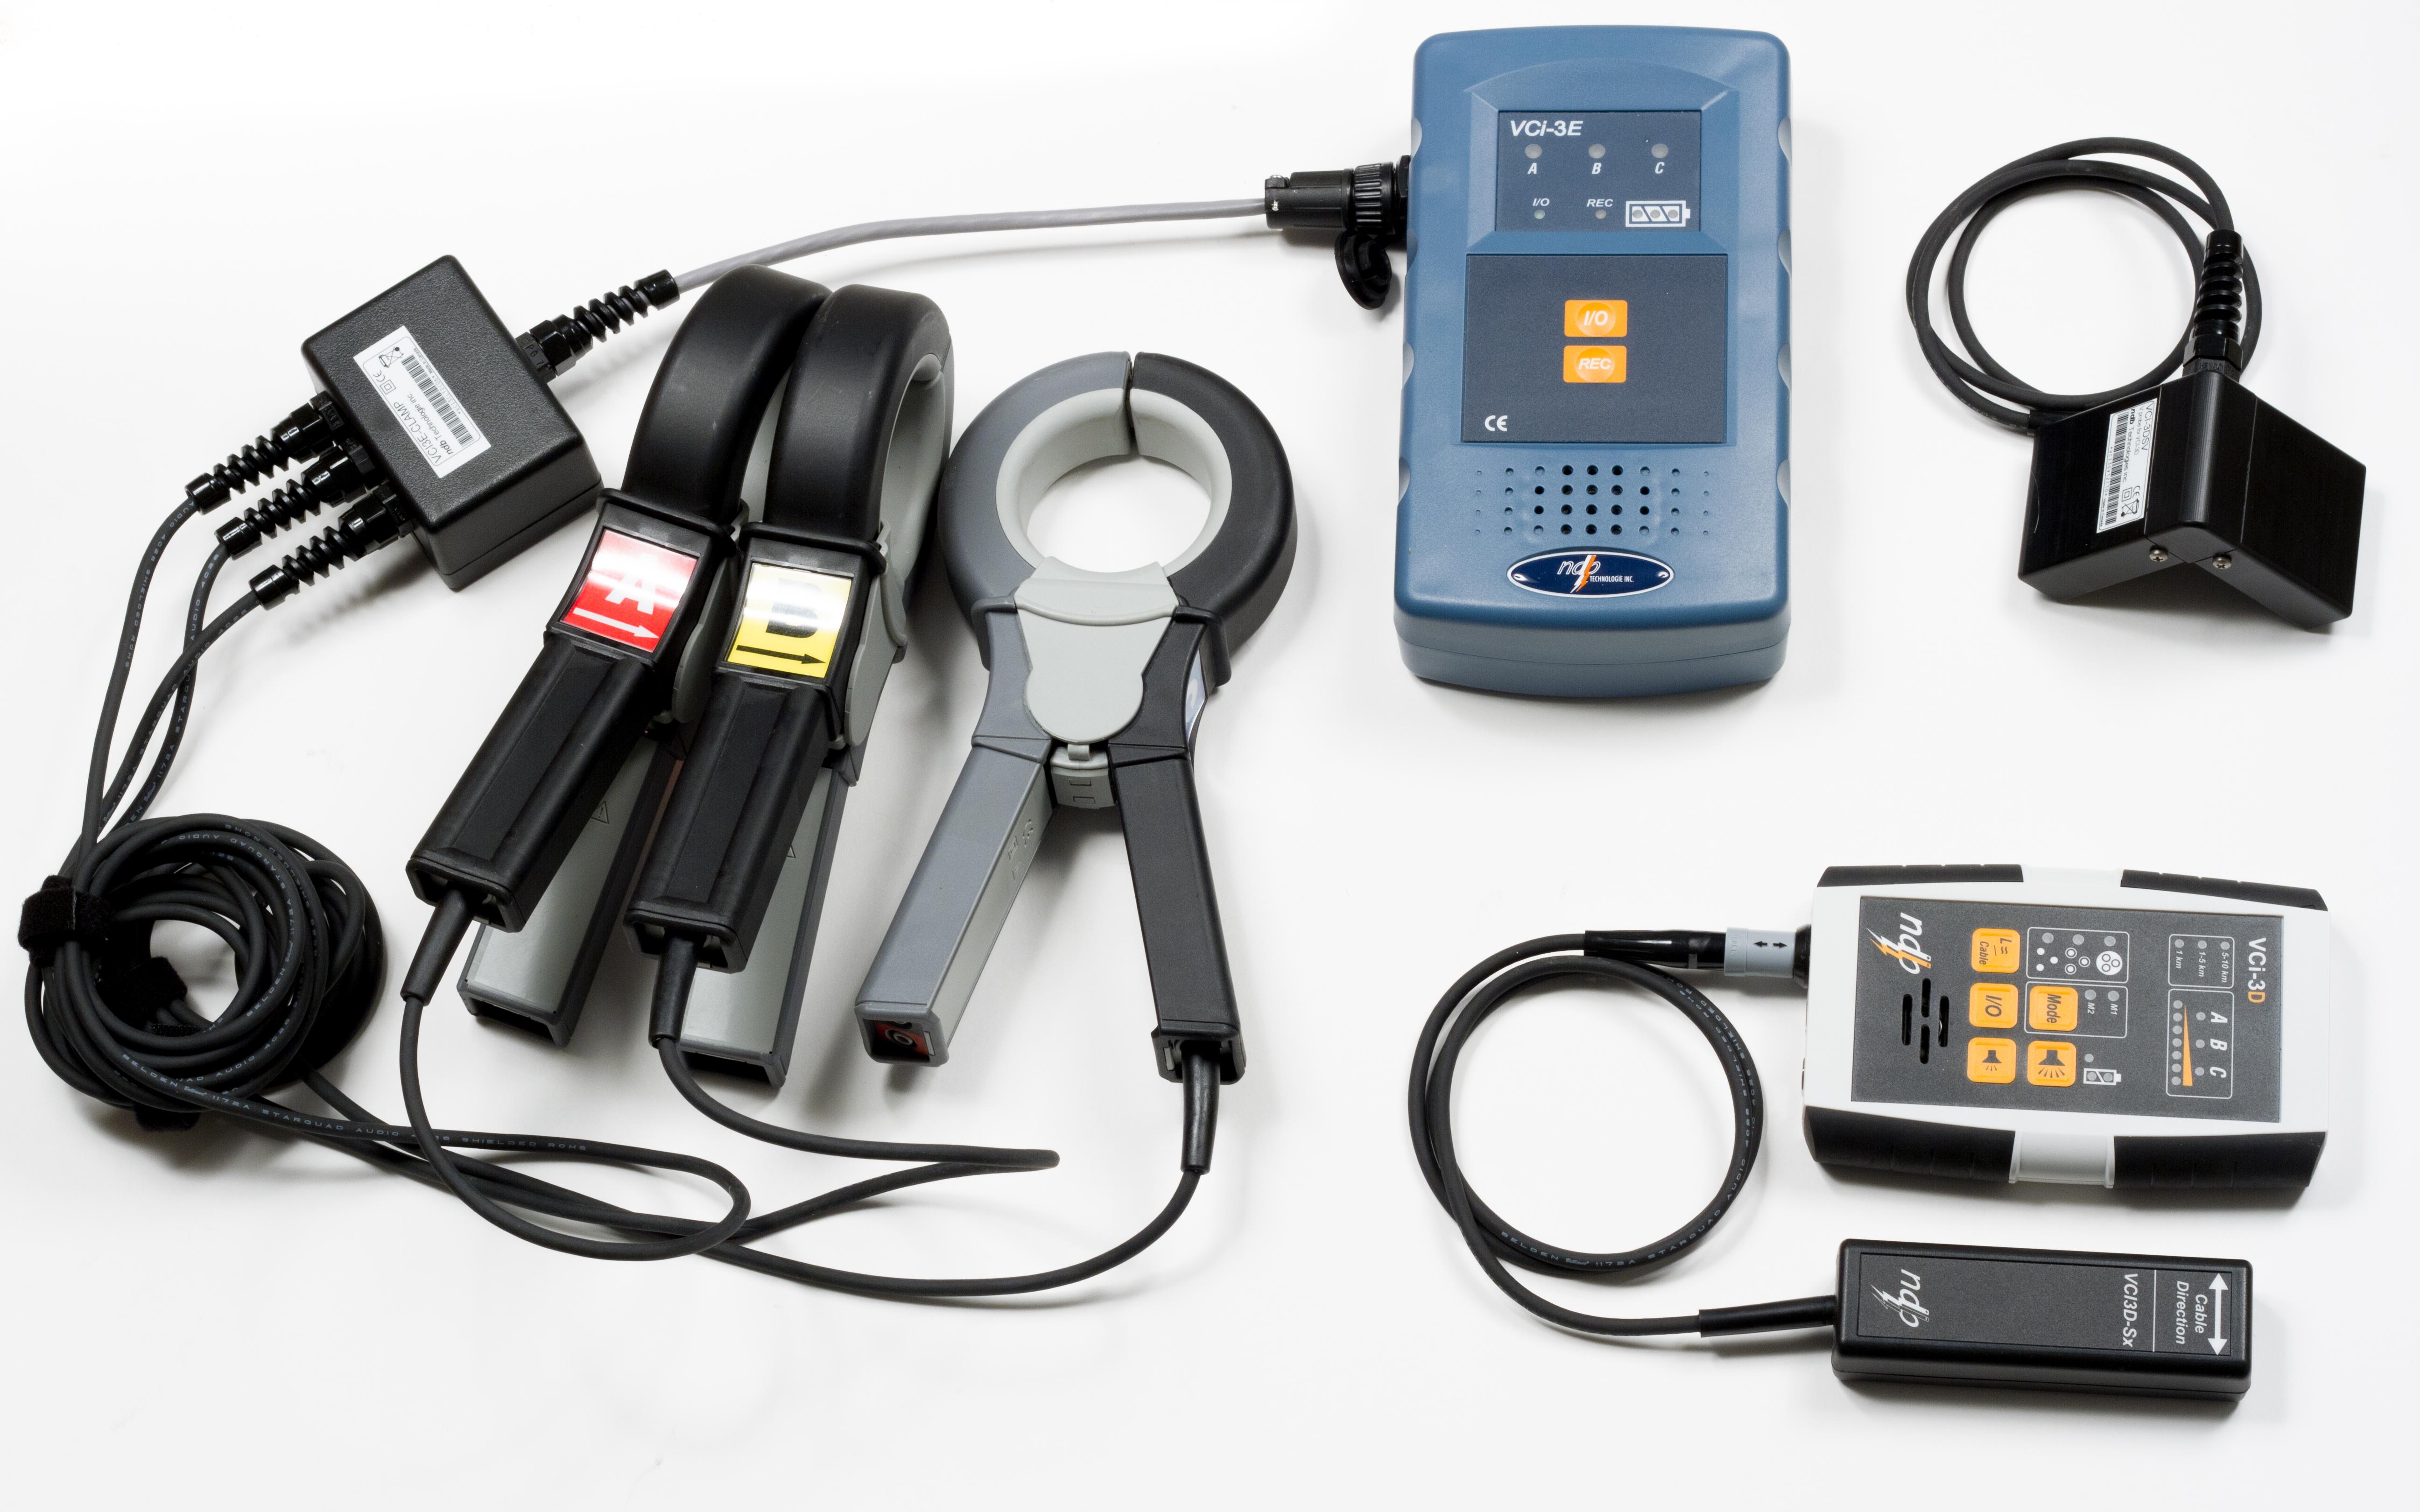 VCI-3D VCI-3E and accessories